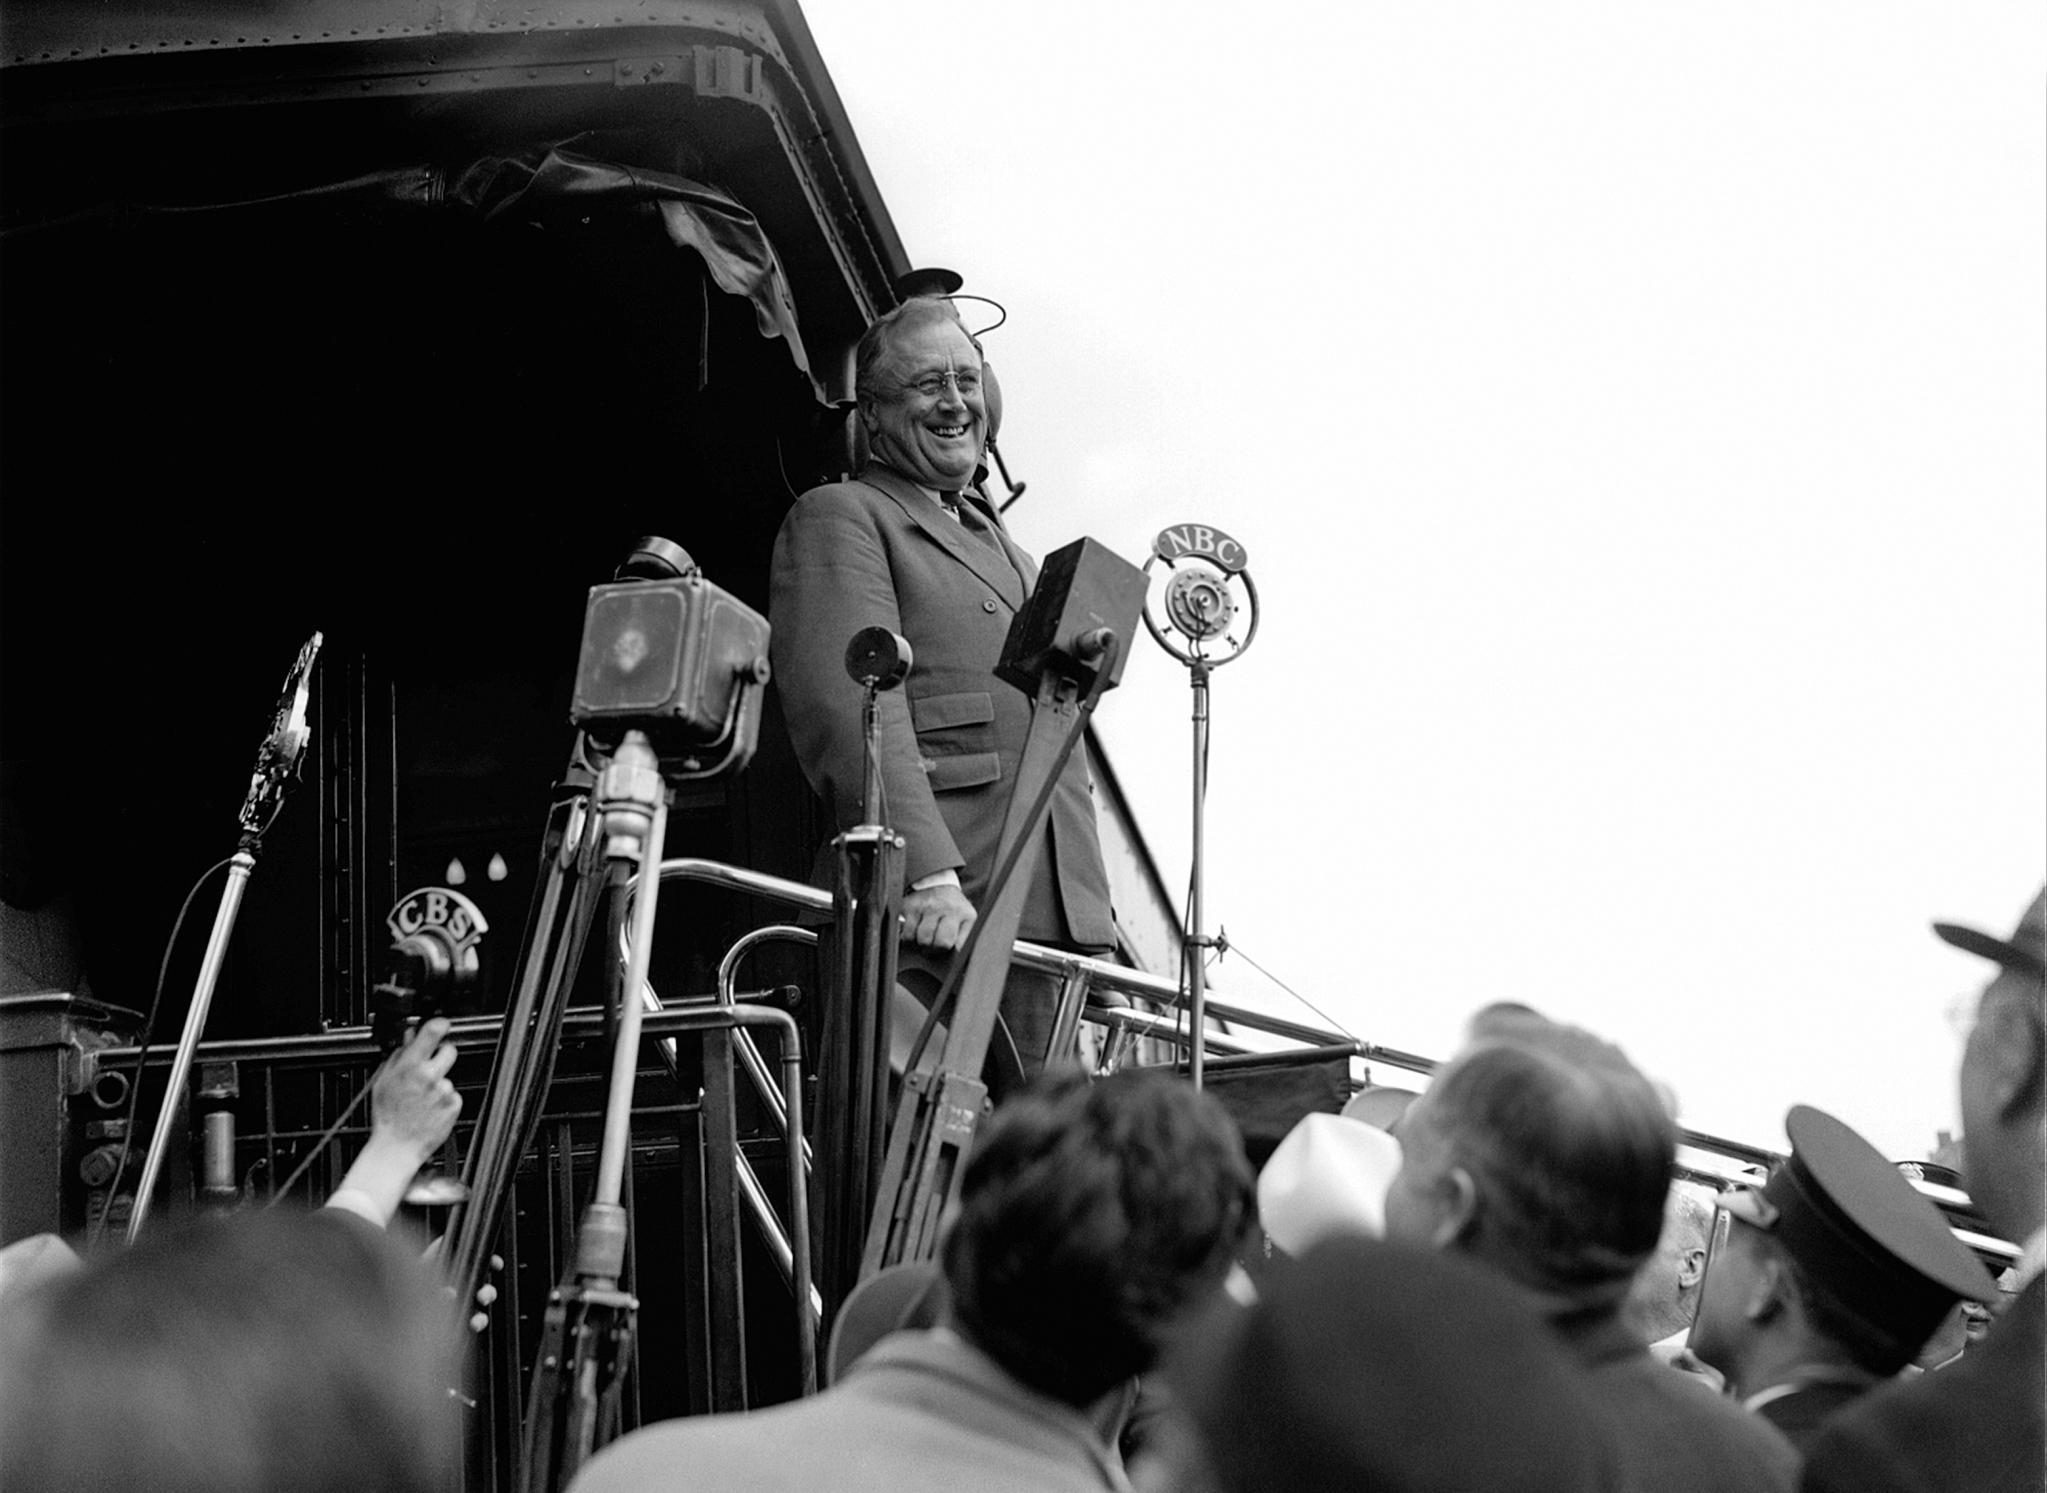 프랭클린 루스벨트 미국 대통령이 1934년 4월13일 워싱턴으로 돌아가는 길에 유니언역에서 환영객들에게 연설하고 있다. [AP=연합뉴스]